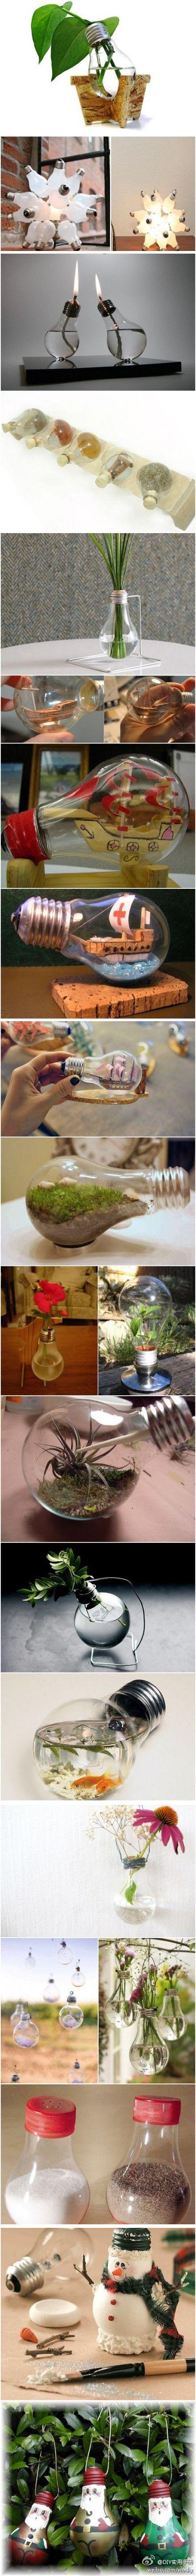 Ideetjes met lamp